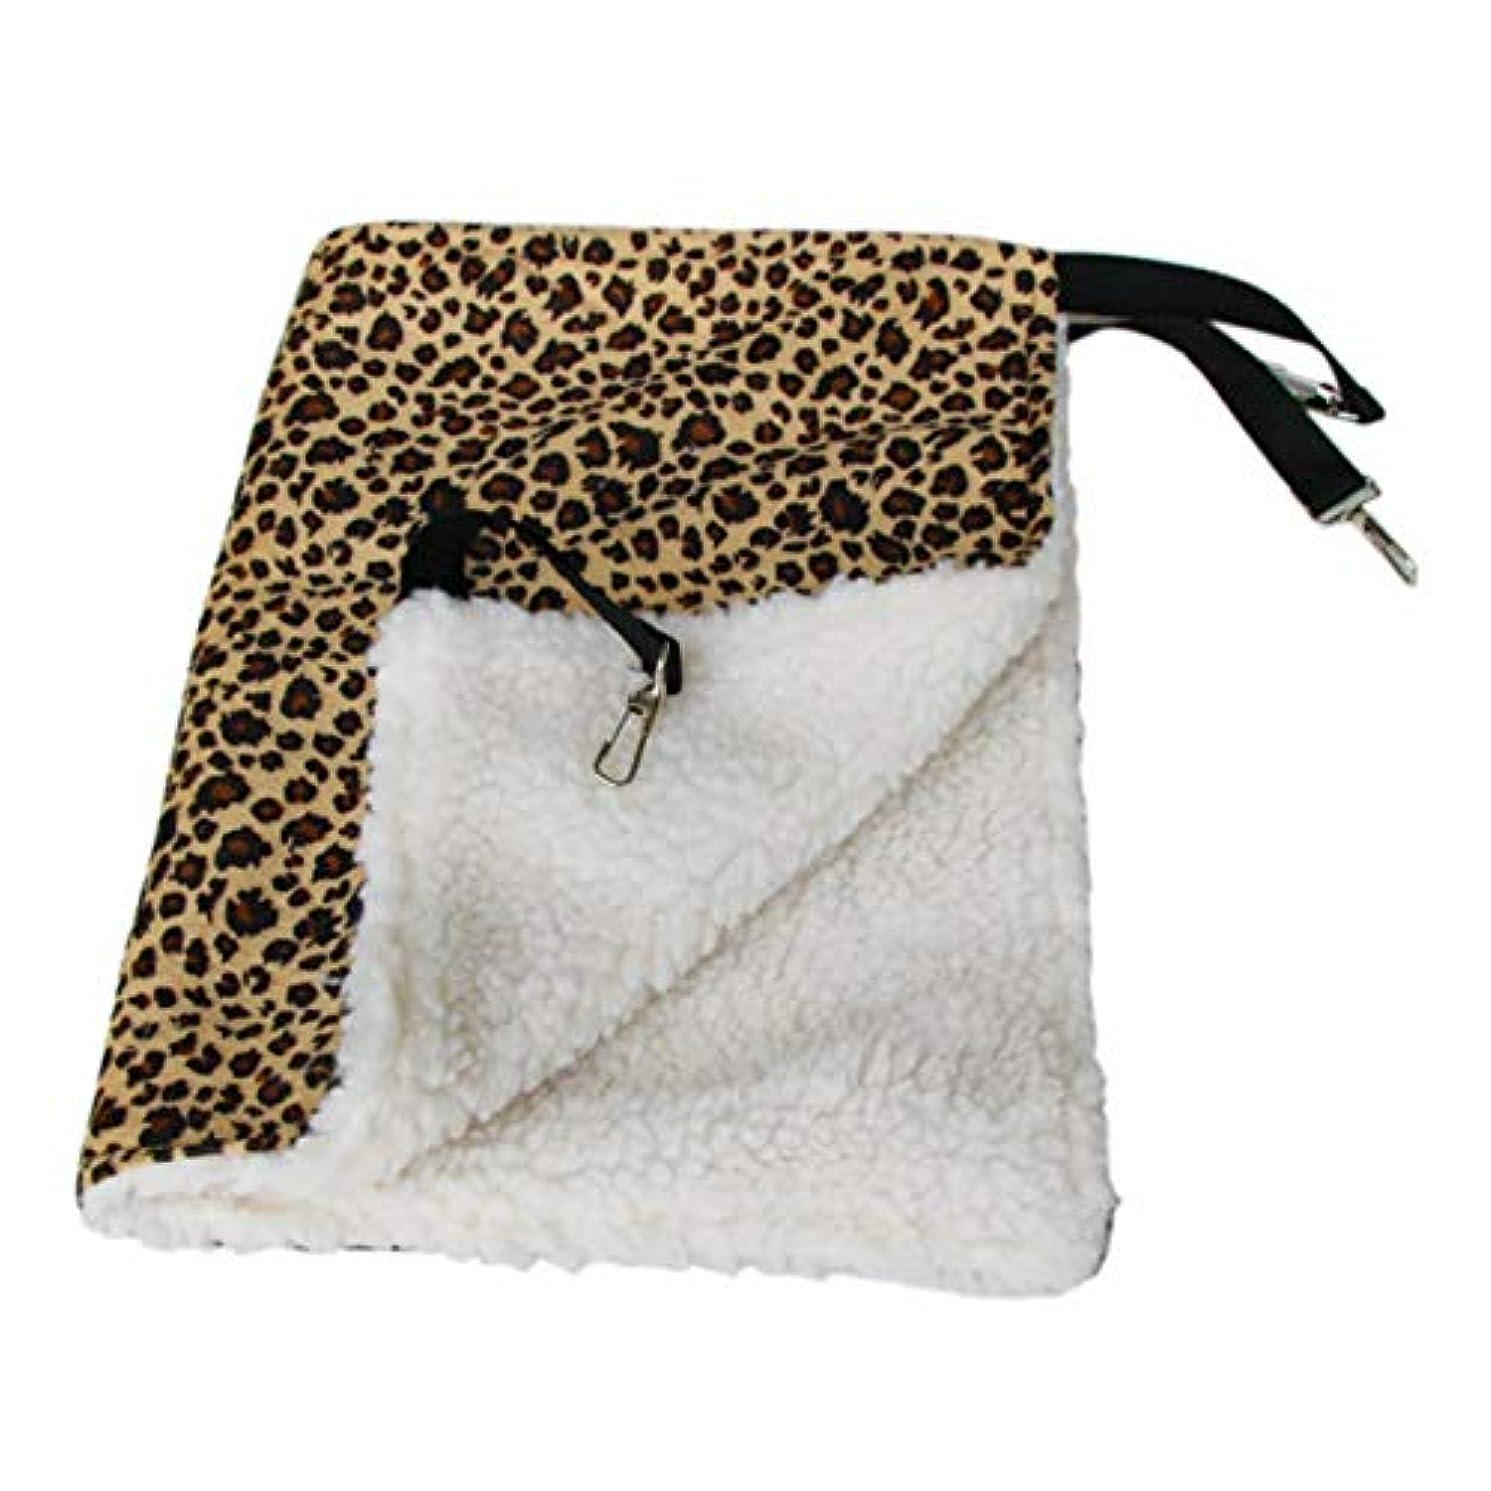 工業用名誉ある定規Saikogoods 暖かいハンギング猫ベッドマットソフトキャットハンモック冬ハンモックペット子猫ケージベッドカバークッションエアベッドペット 黄 L